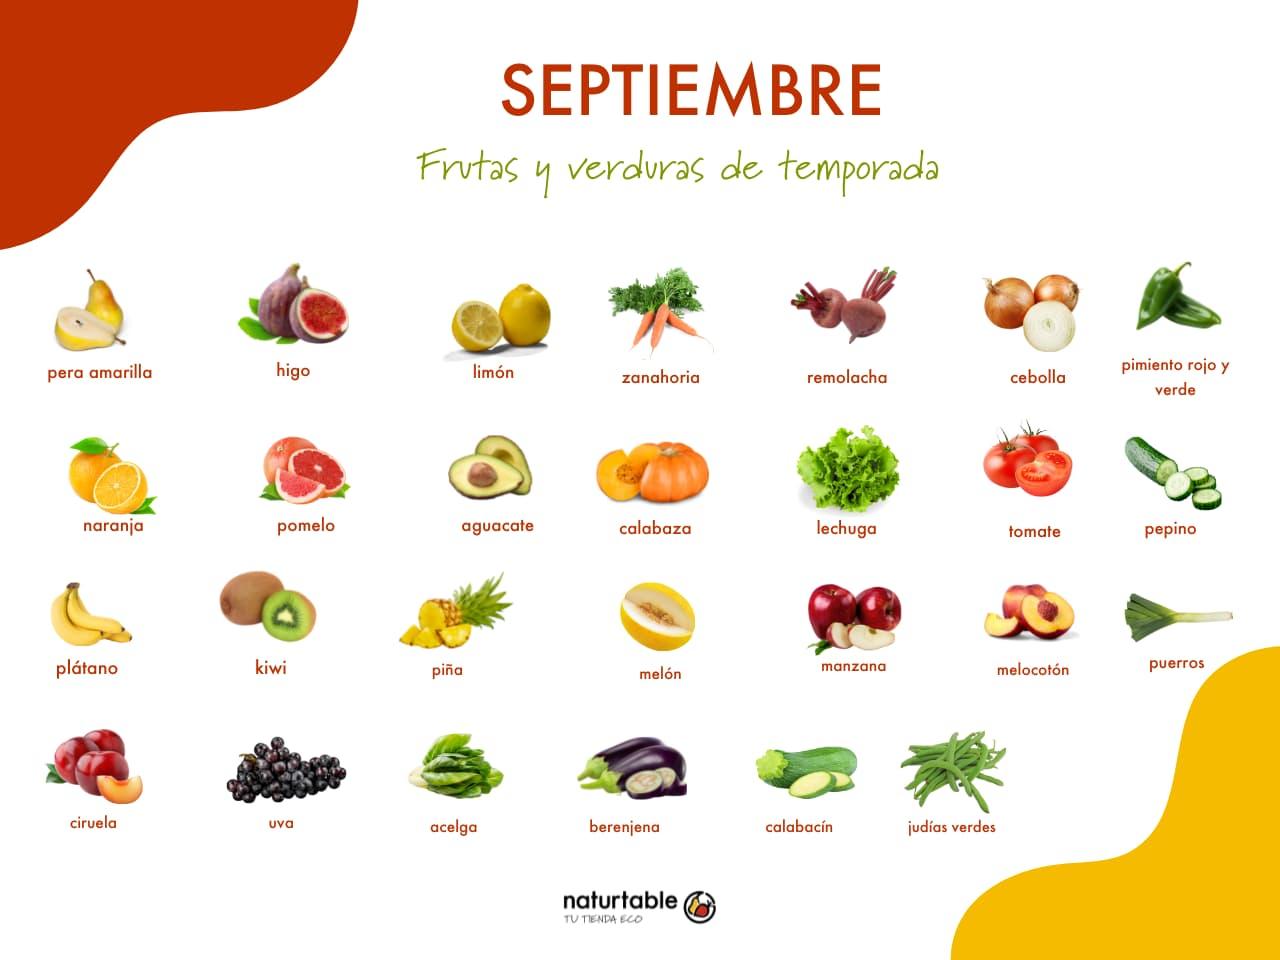 frutas y verduras de temporada: septiembre